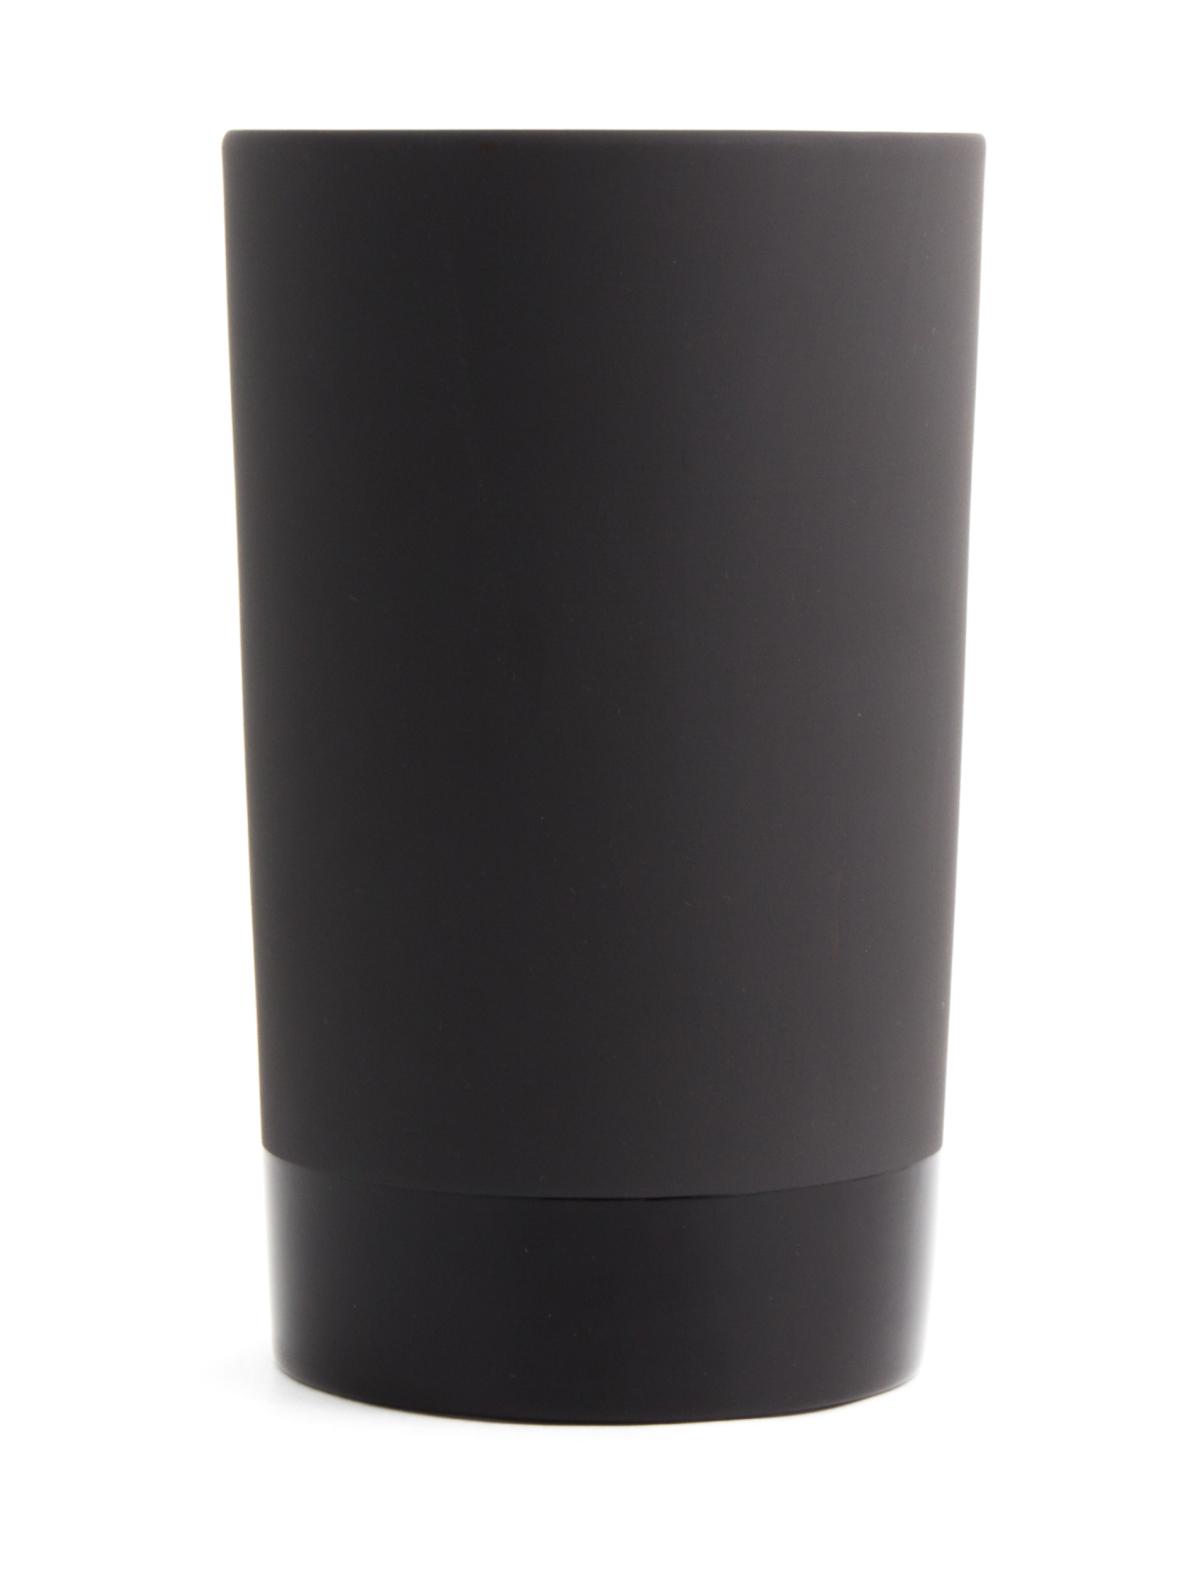 Magisso Cooling Ceramics Viininjäähdytin, musta, Magisso